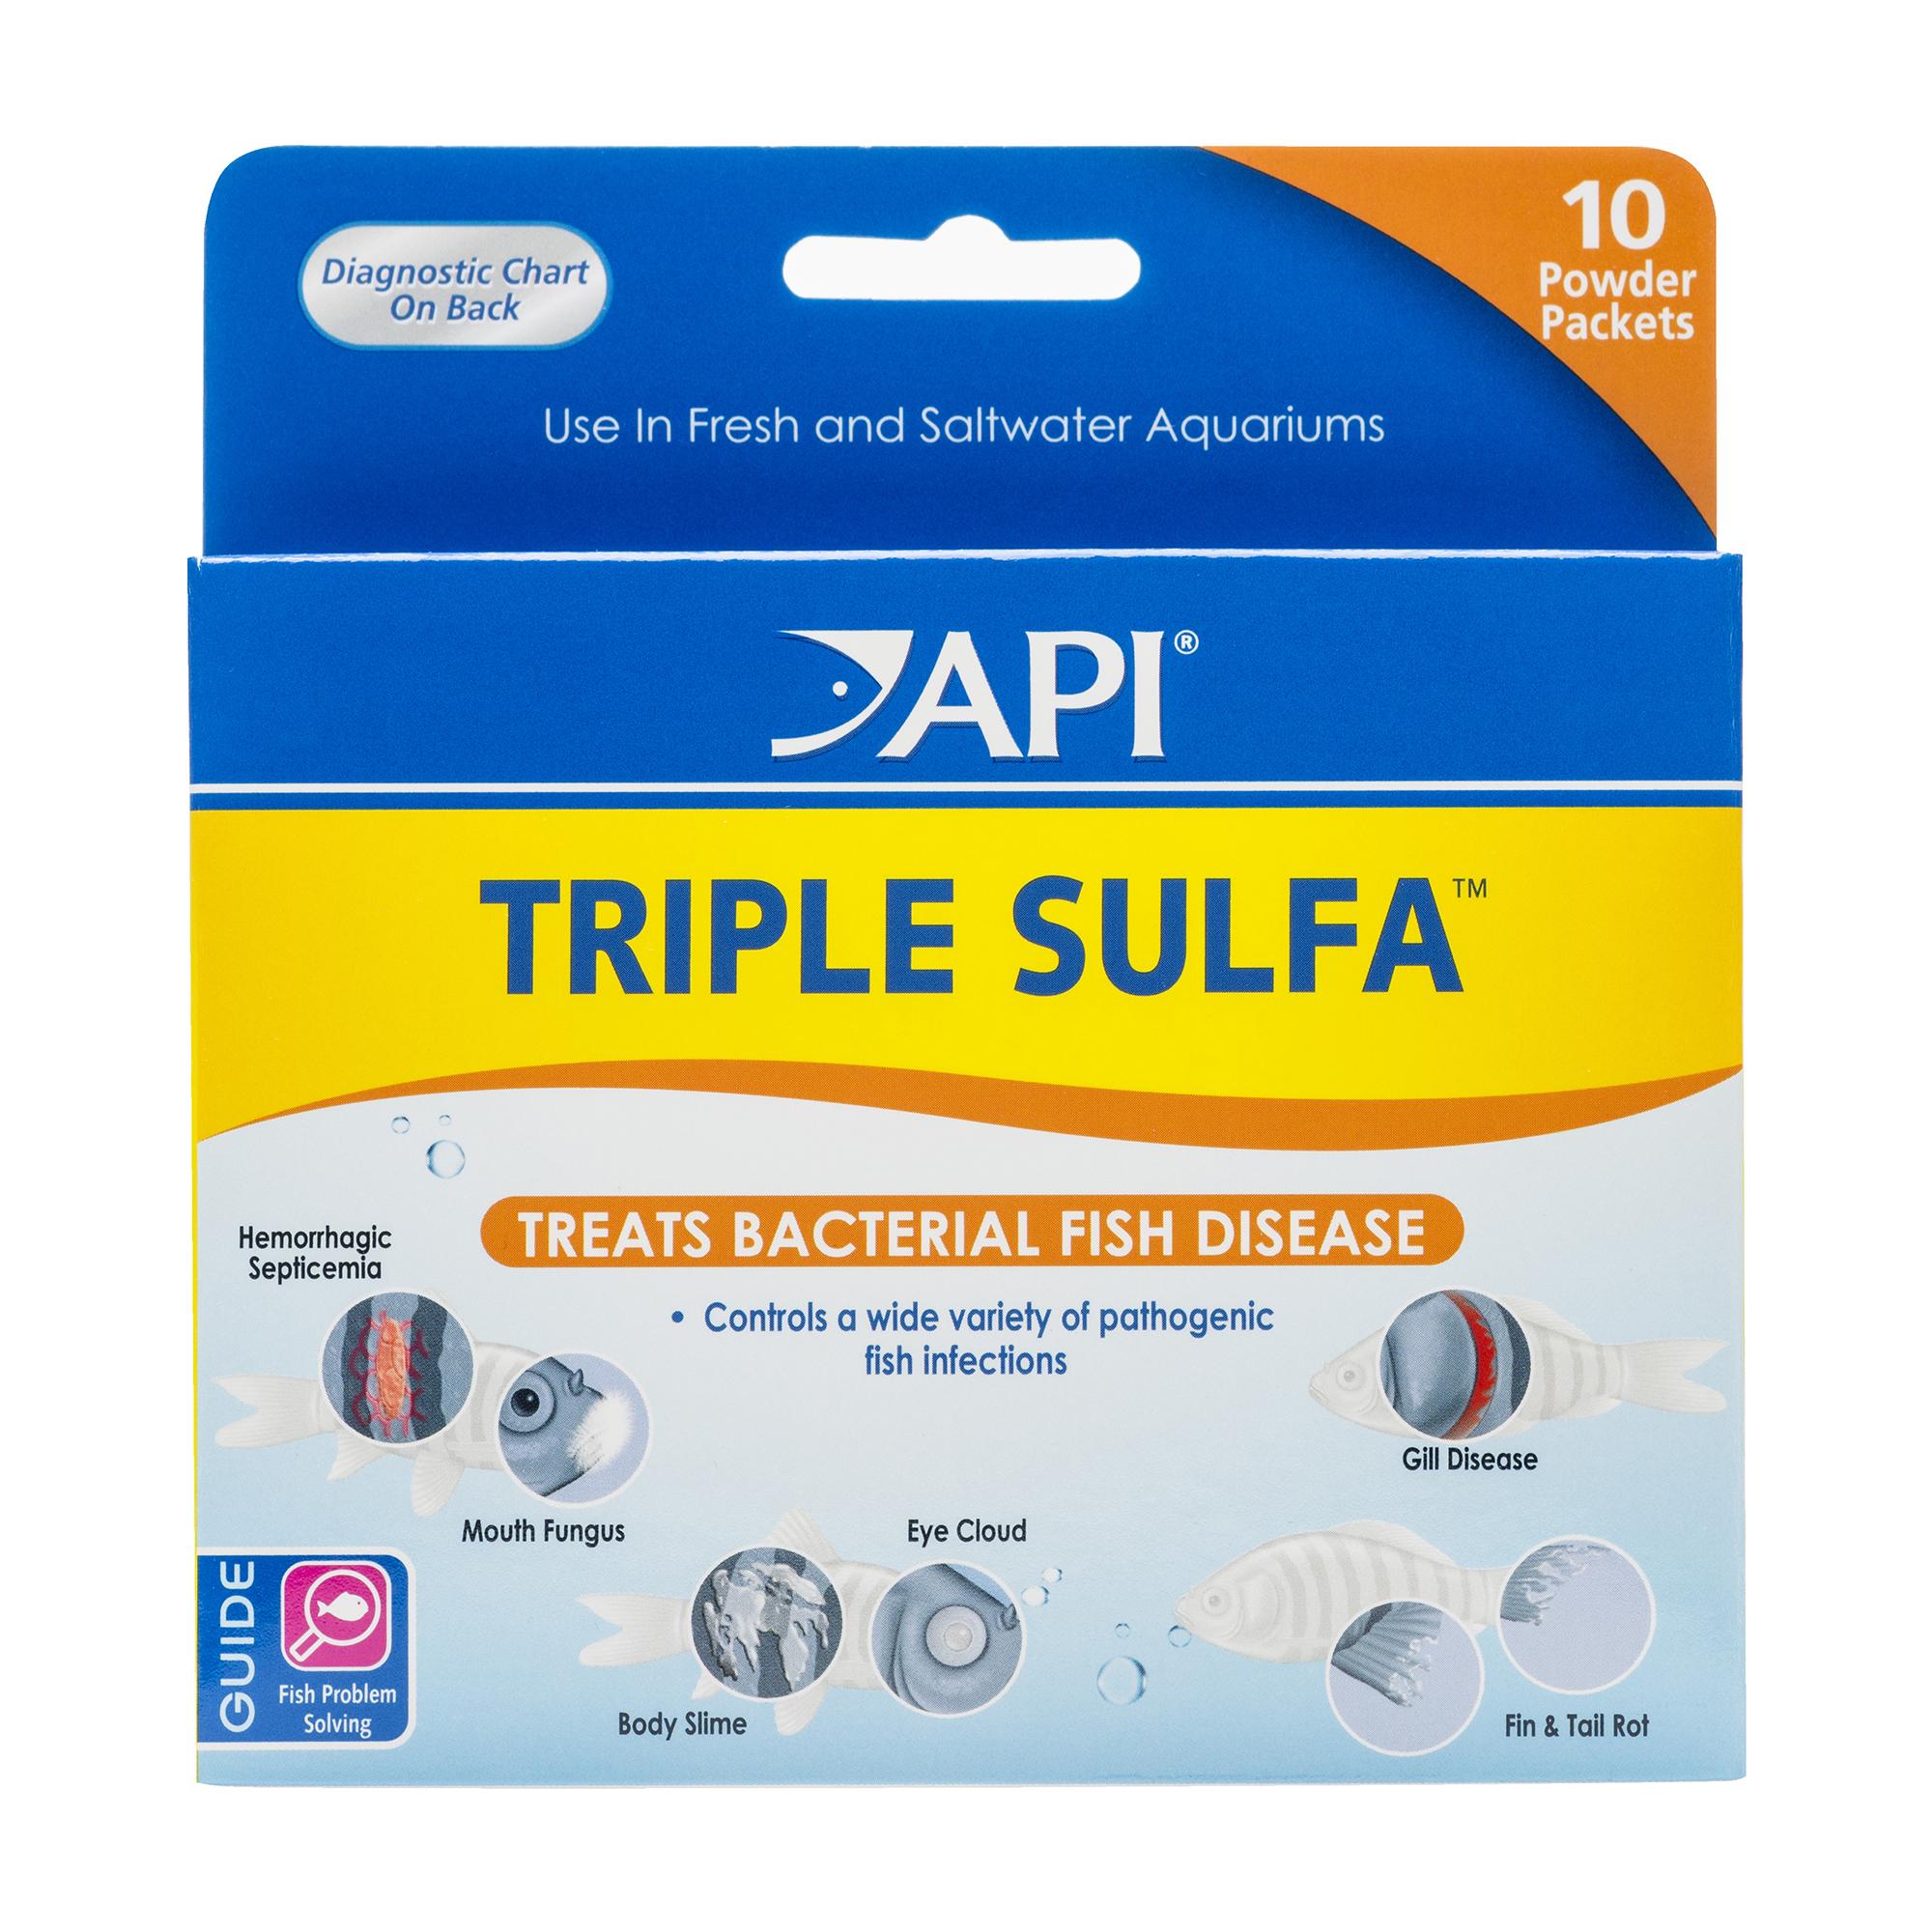 TRIPLE SULFA™